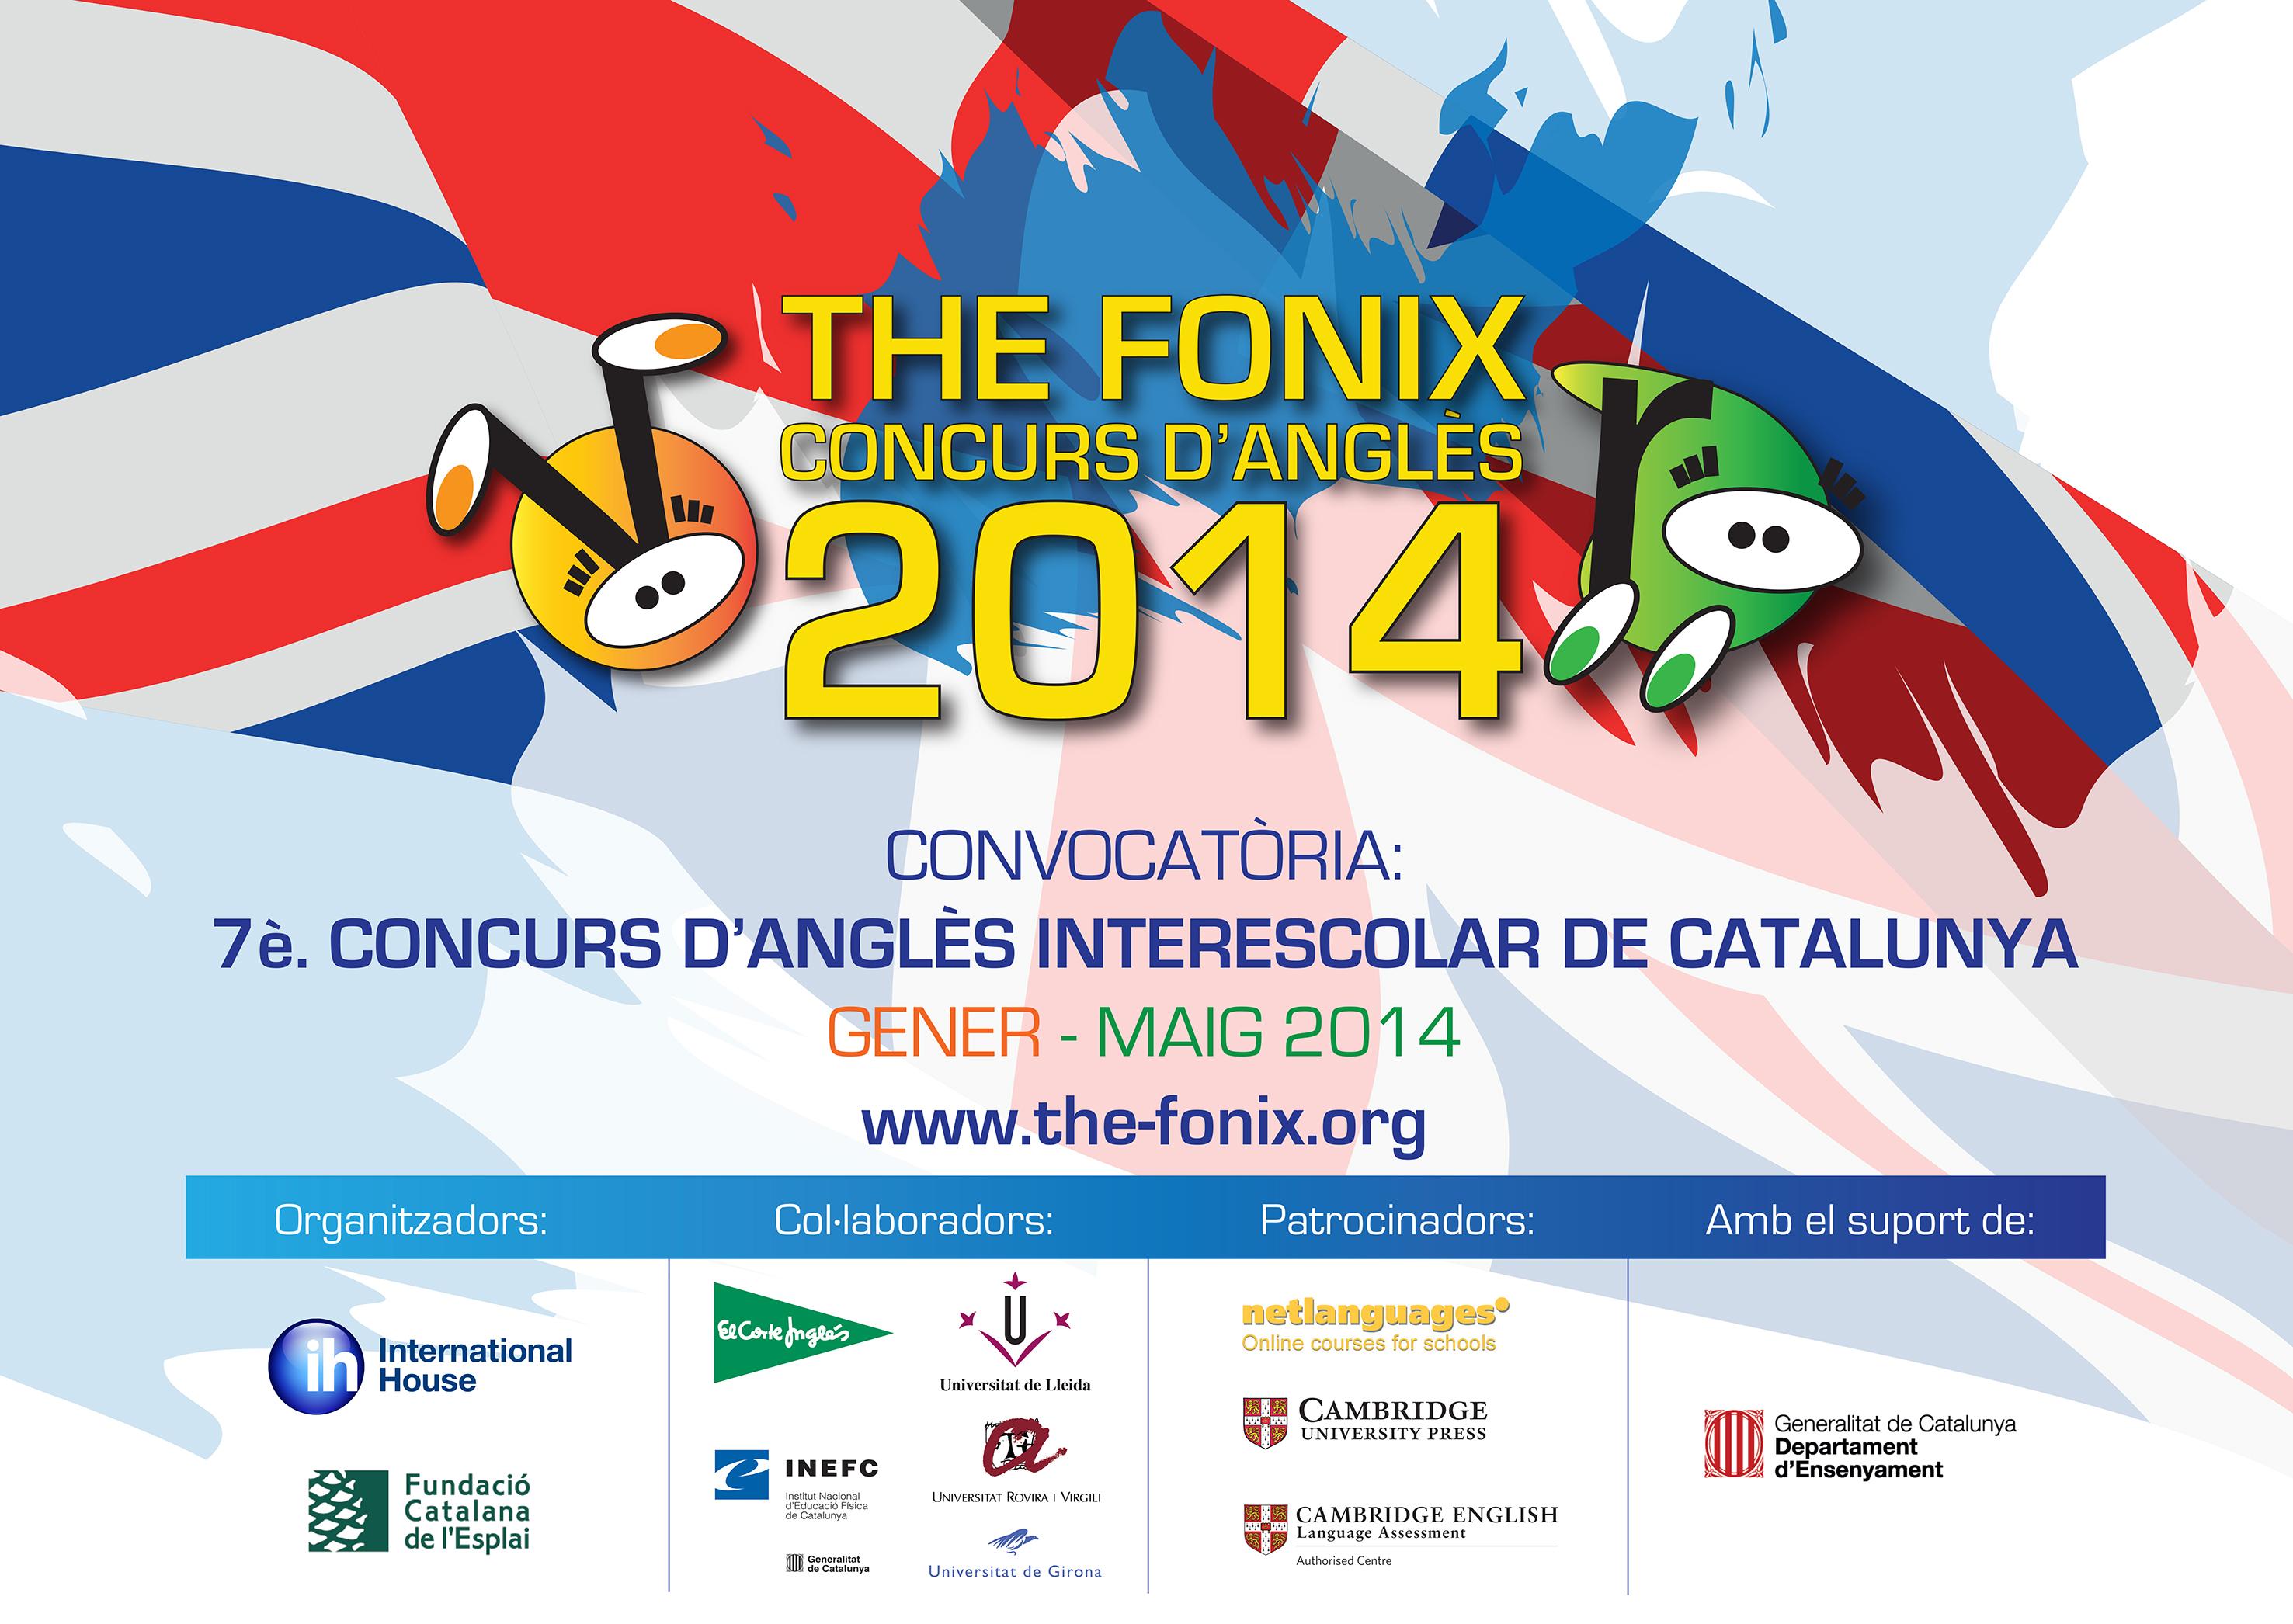 The_Fonix_2014_A2_POSTER_CATALUNYA_AAFF